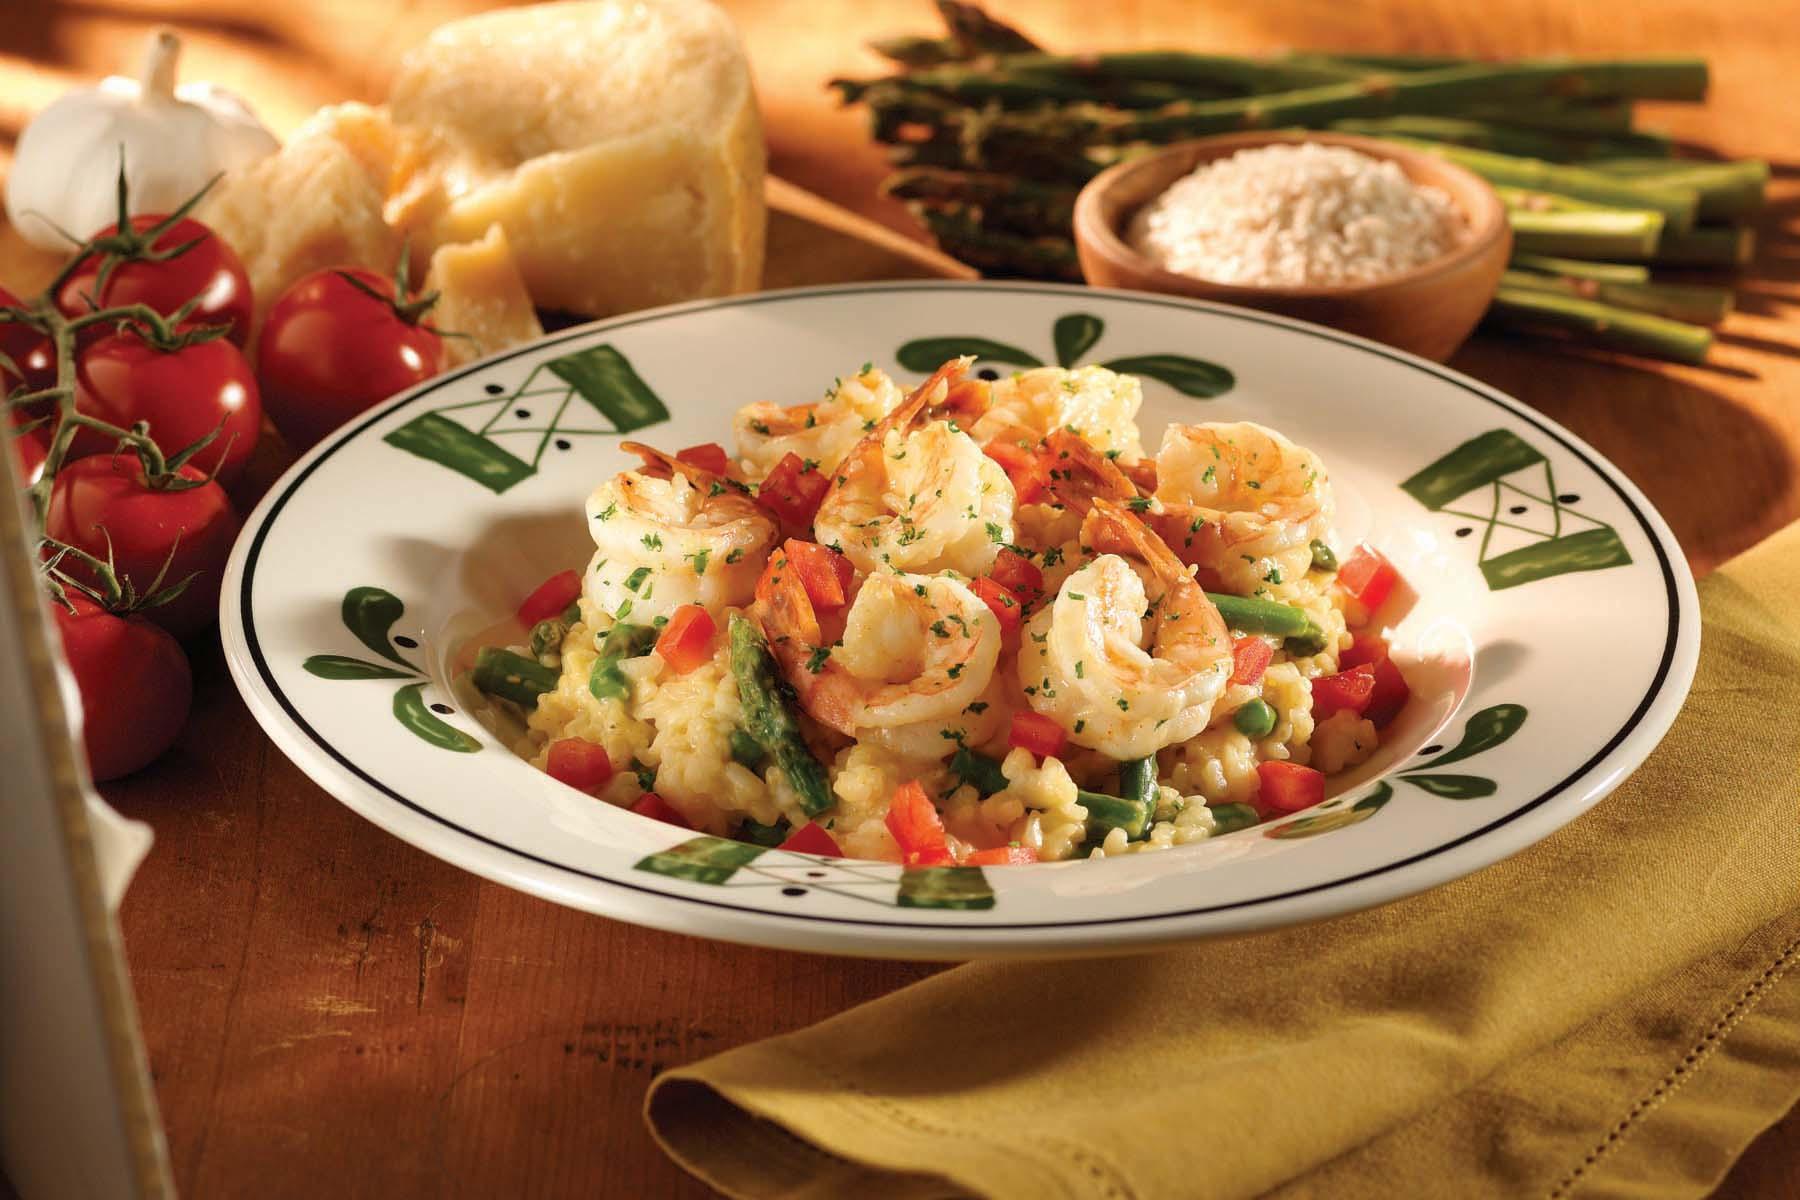 olive garden shrimp asparagus risottoolive garden shrimp asparagus risotto photo - Olive Garden Orlando